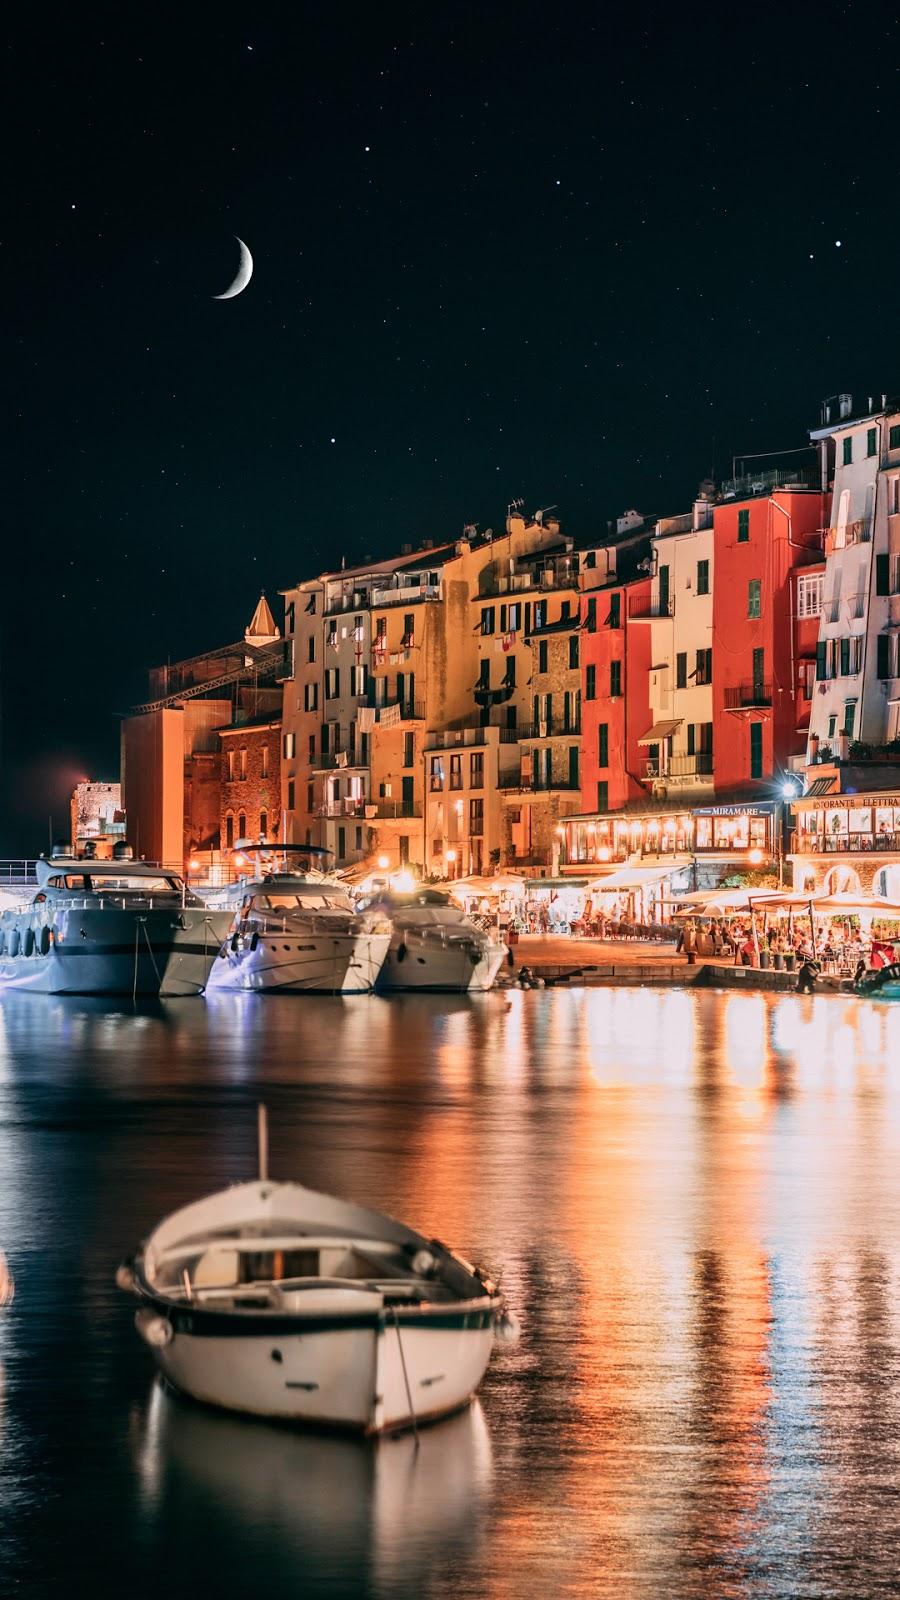 Beautiful night in Italy